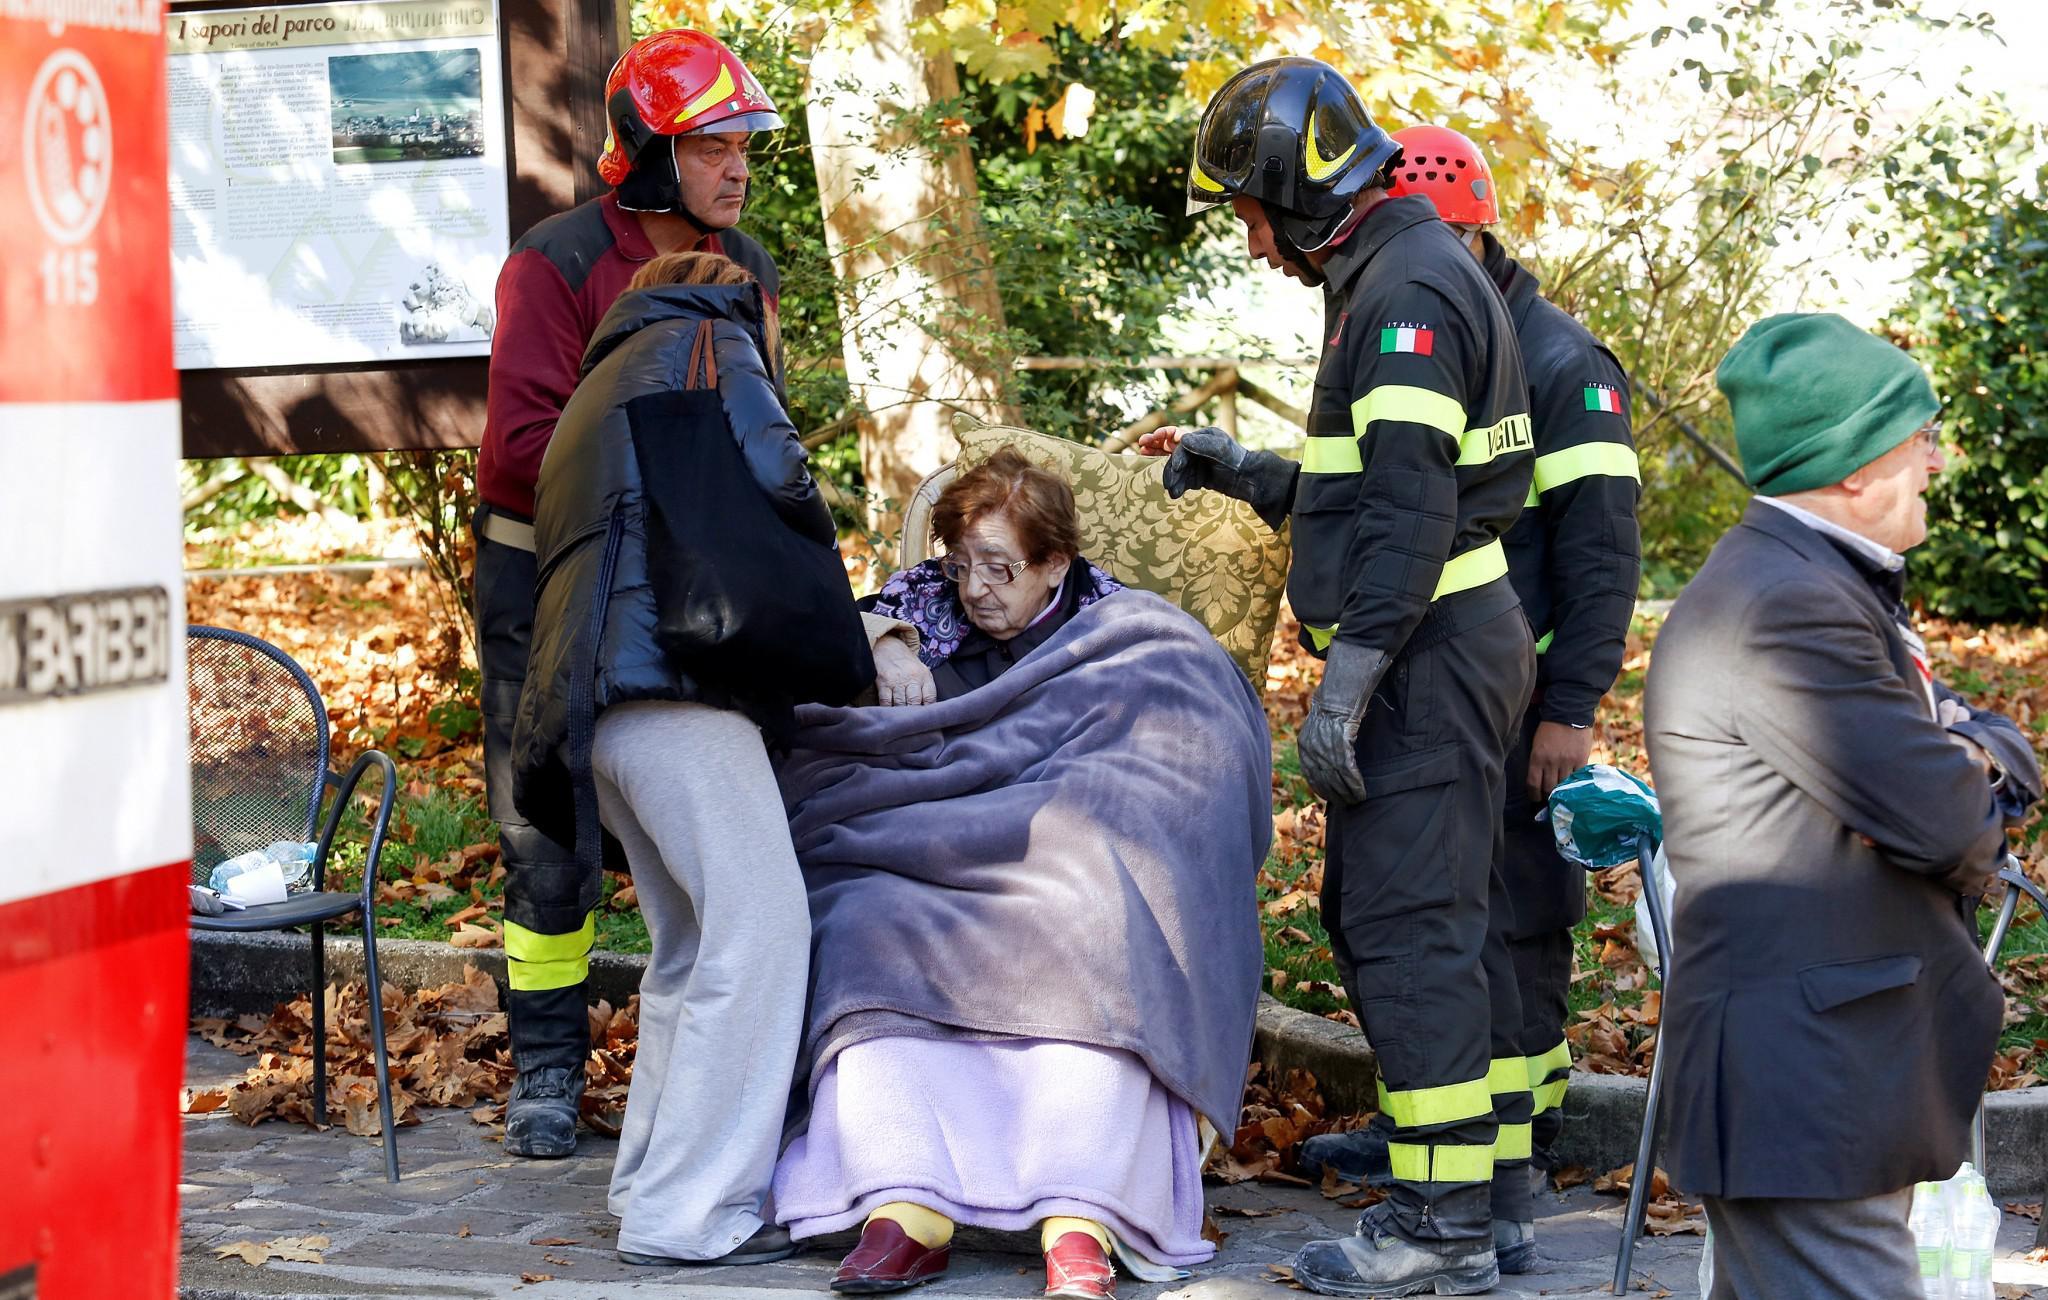 italia-seismos-voithia-ellada-1300 Τραυματίες και καταστροφές από τον νέο σεισμό των 6.7 Ρίχτερ στην Ιταλία